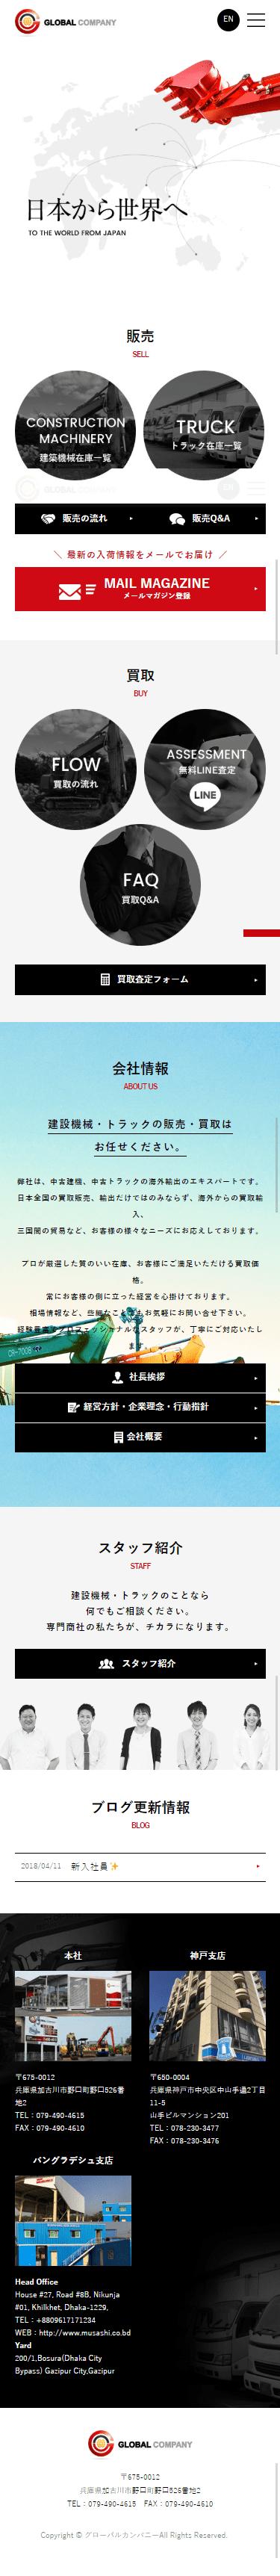 加古川市 株式会社グローバルカンパニー様 ホームページ制作3